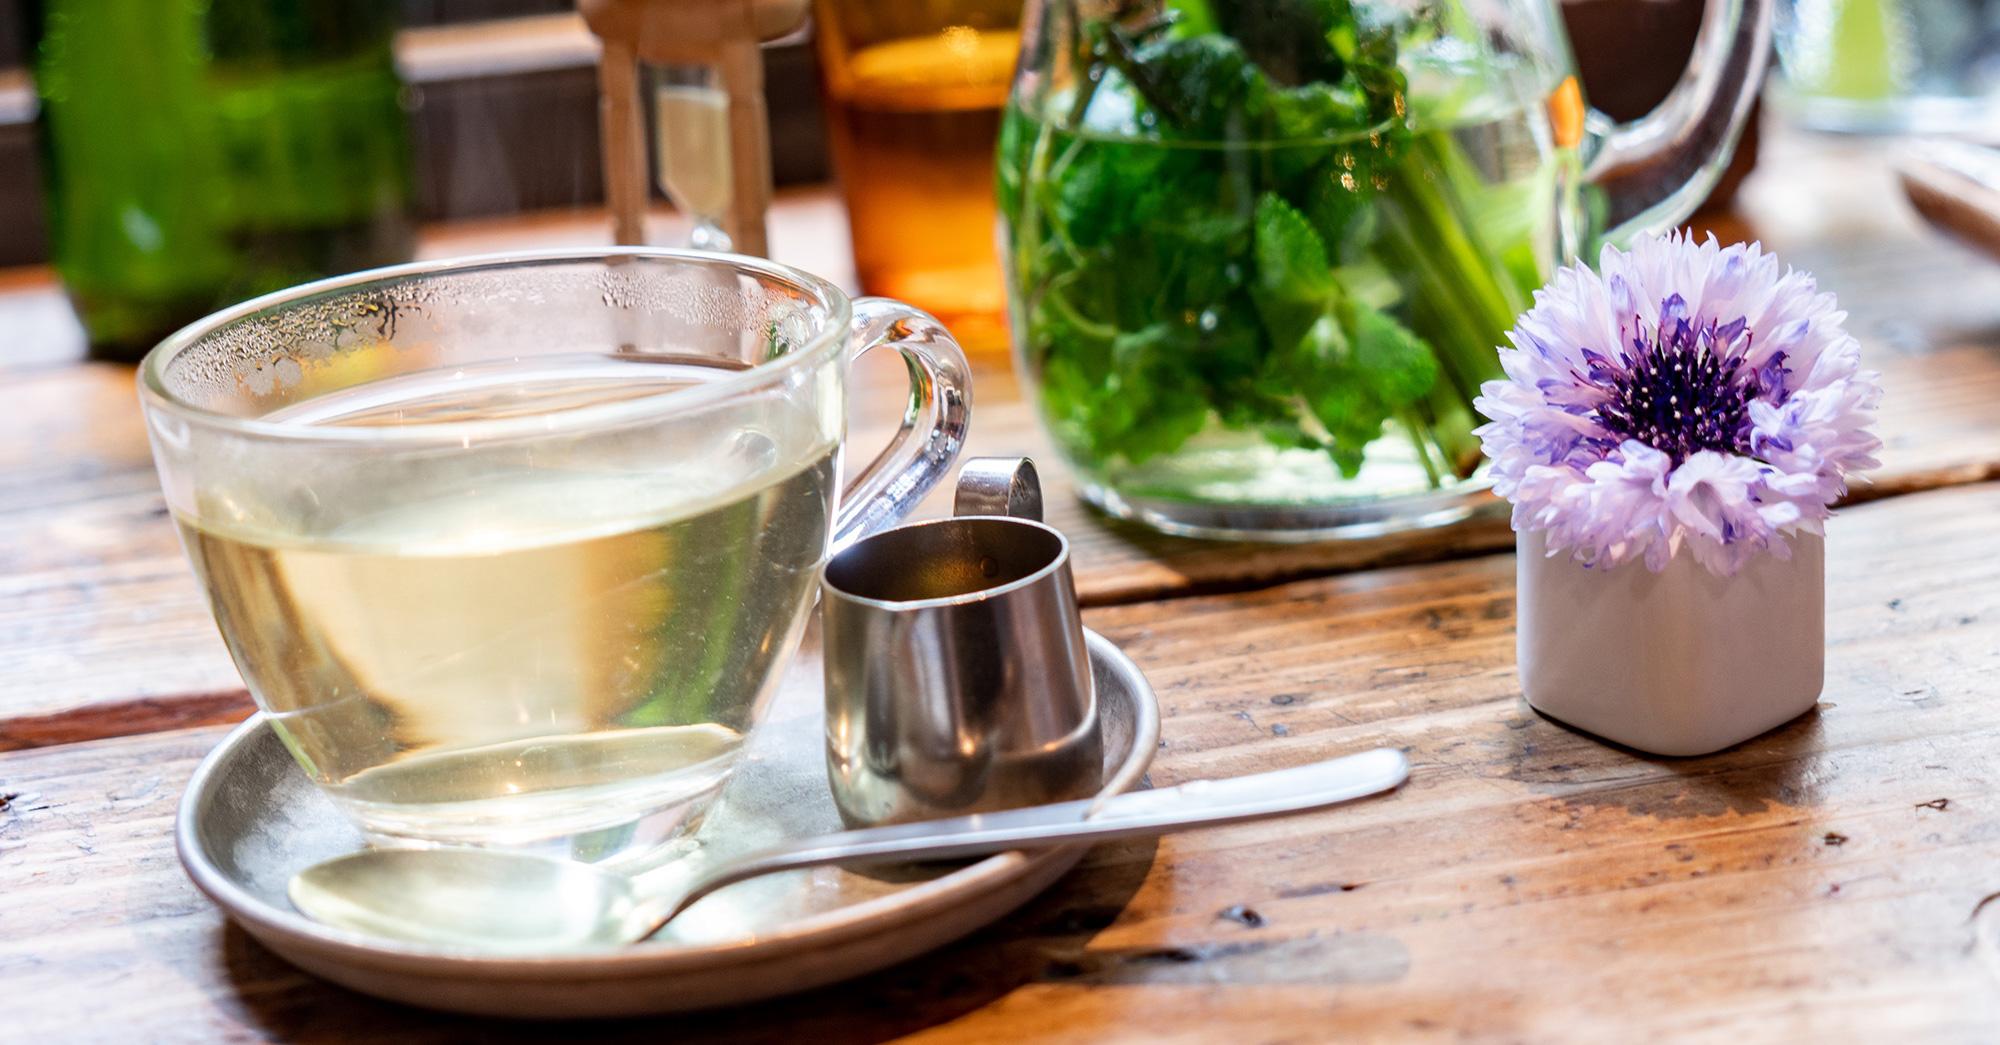 Ile zielonej herbaty należy pić, aby schudnąć? - The healthy post